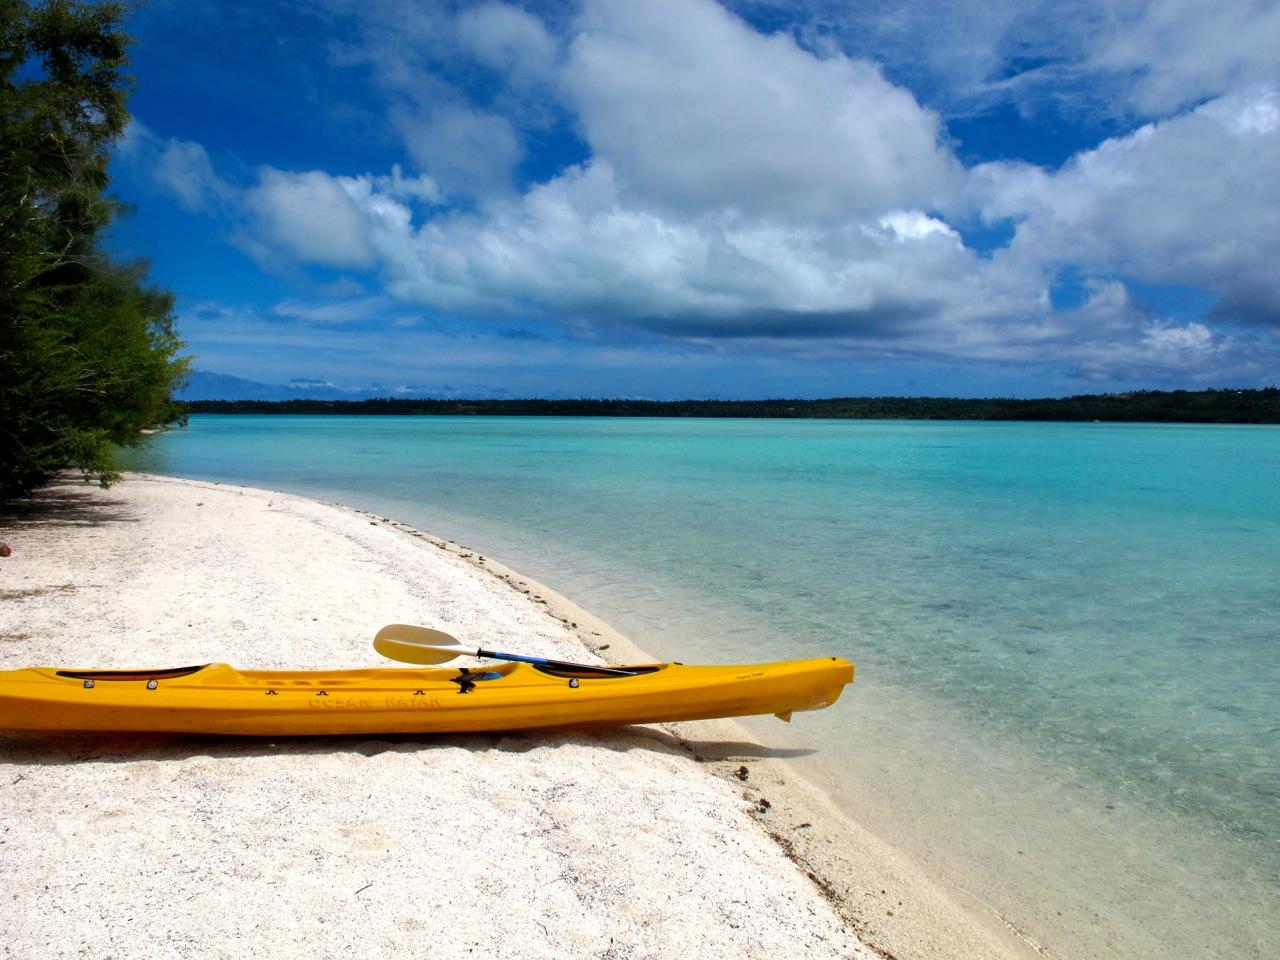 Urlaub auf einer einsamen Insel